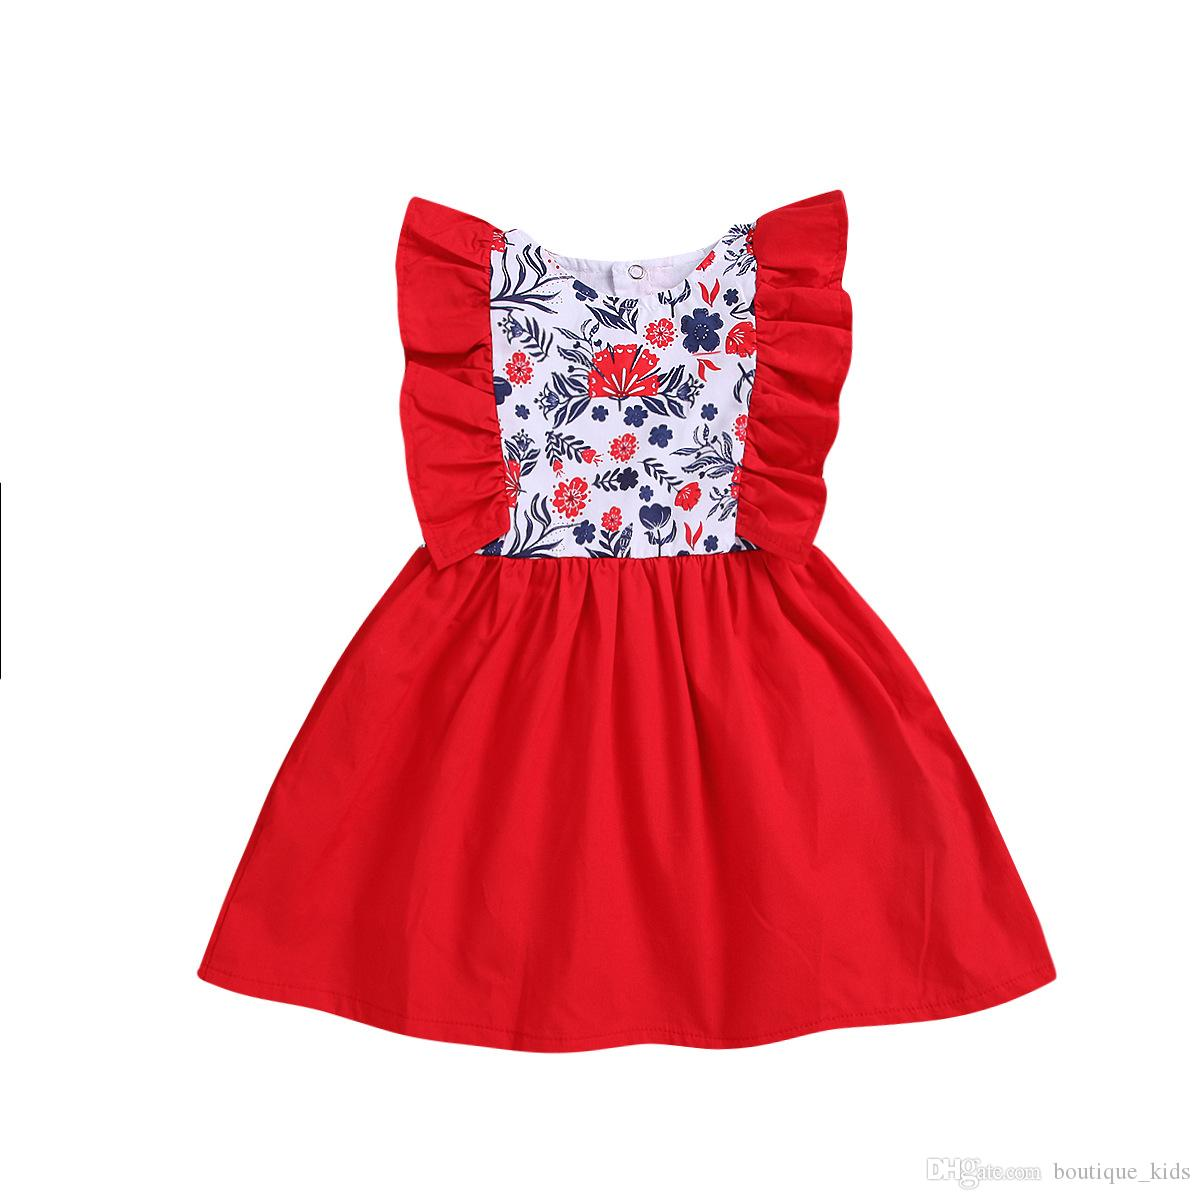 Kleider Für Weihnachten.Mädchen Weihnachten Kleid 2019 Neue Kinder Baby Mädchen Kleidung Sleeveless Blume Rüsche Bowknot Rot Baby Mädchen Kleider Weihnachten Neujahr